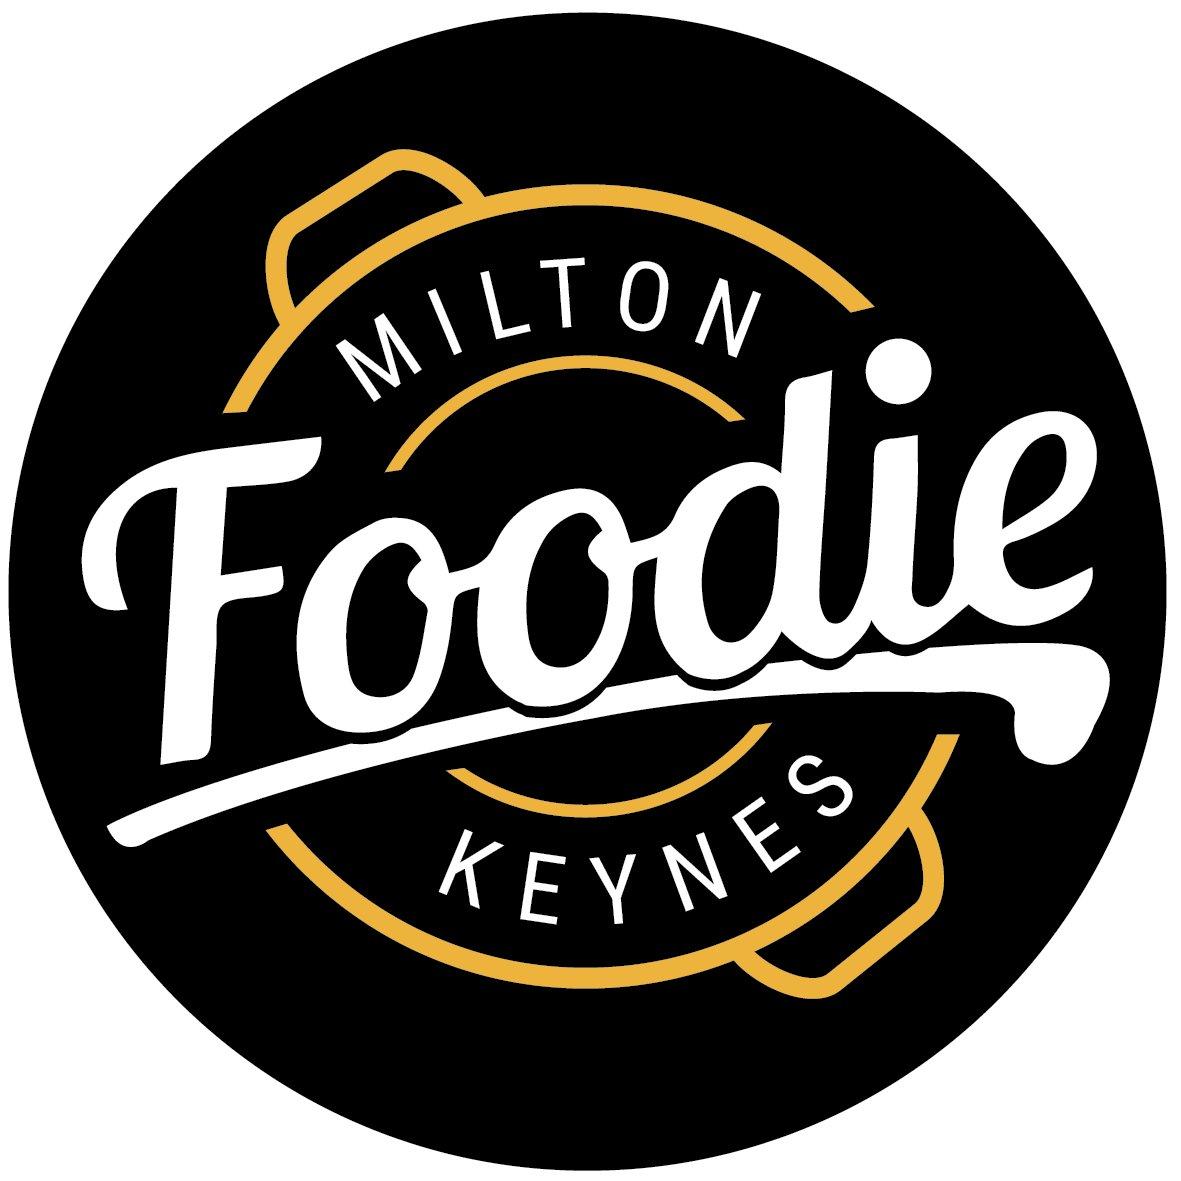 mk foodie (@Mkfoodies) | Twitter